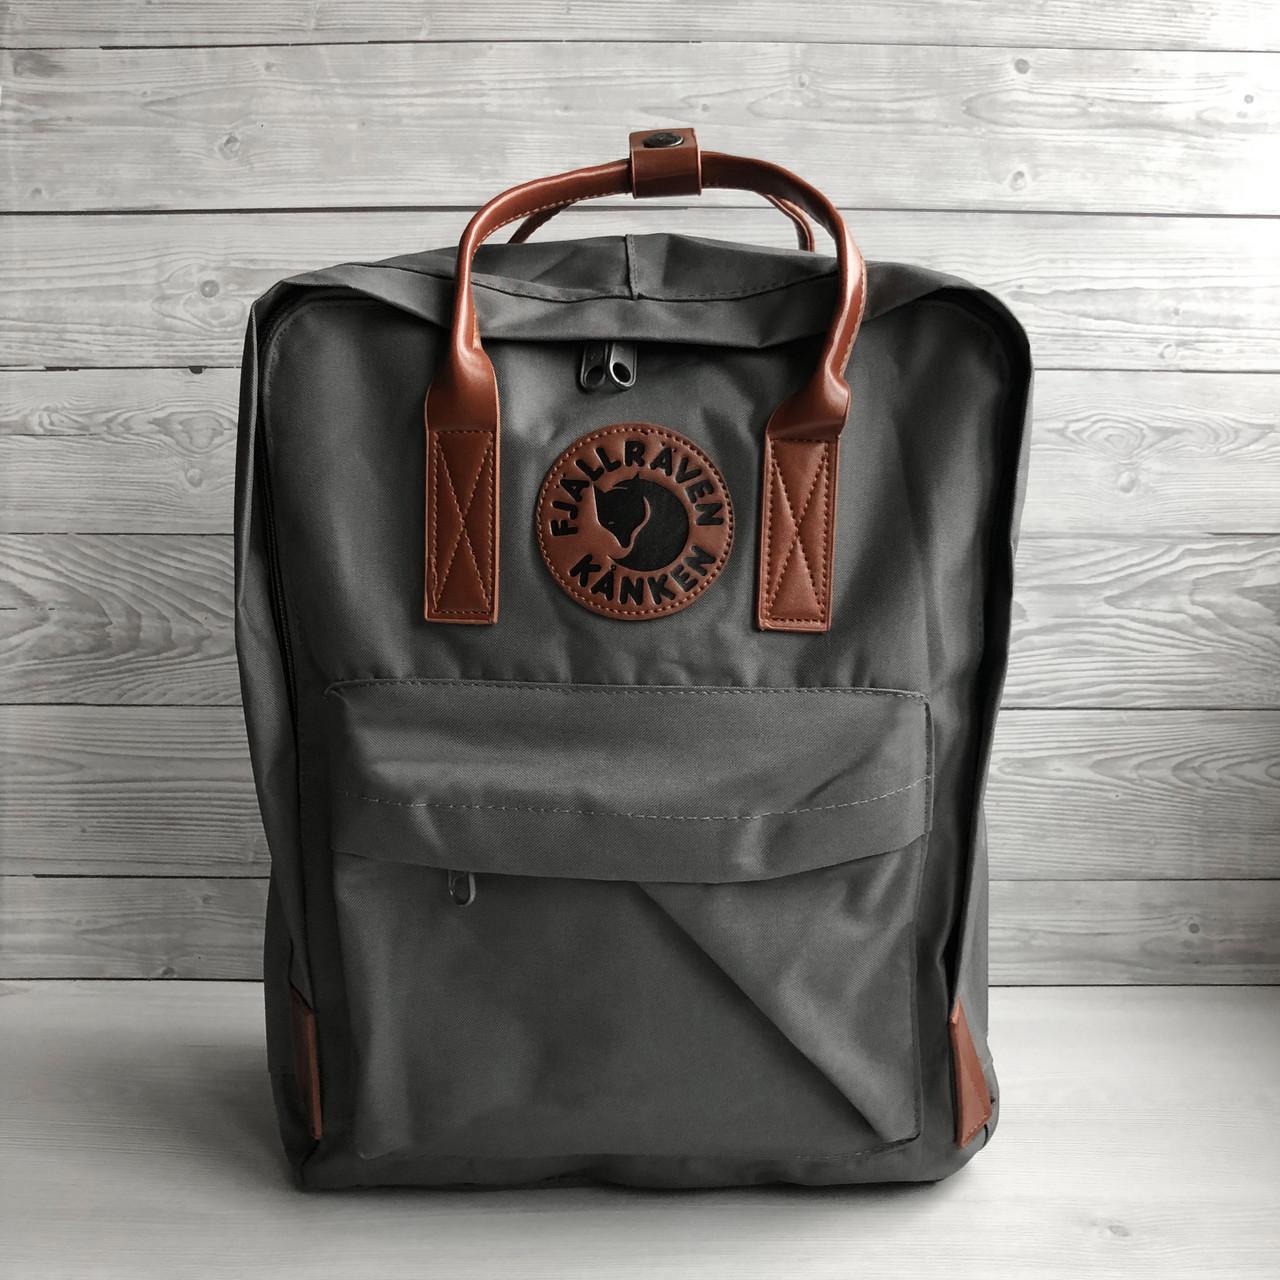 Рюкзак - сумка с коричневыми ручками канкен серый 16 литров Fjallraven Kanken No.2 женский, для девочки